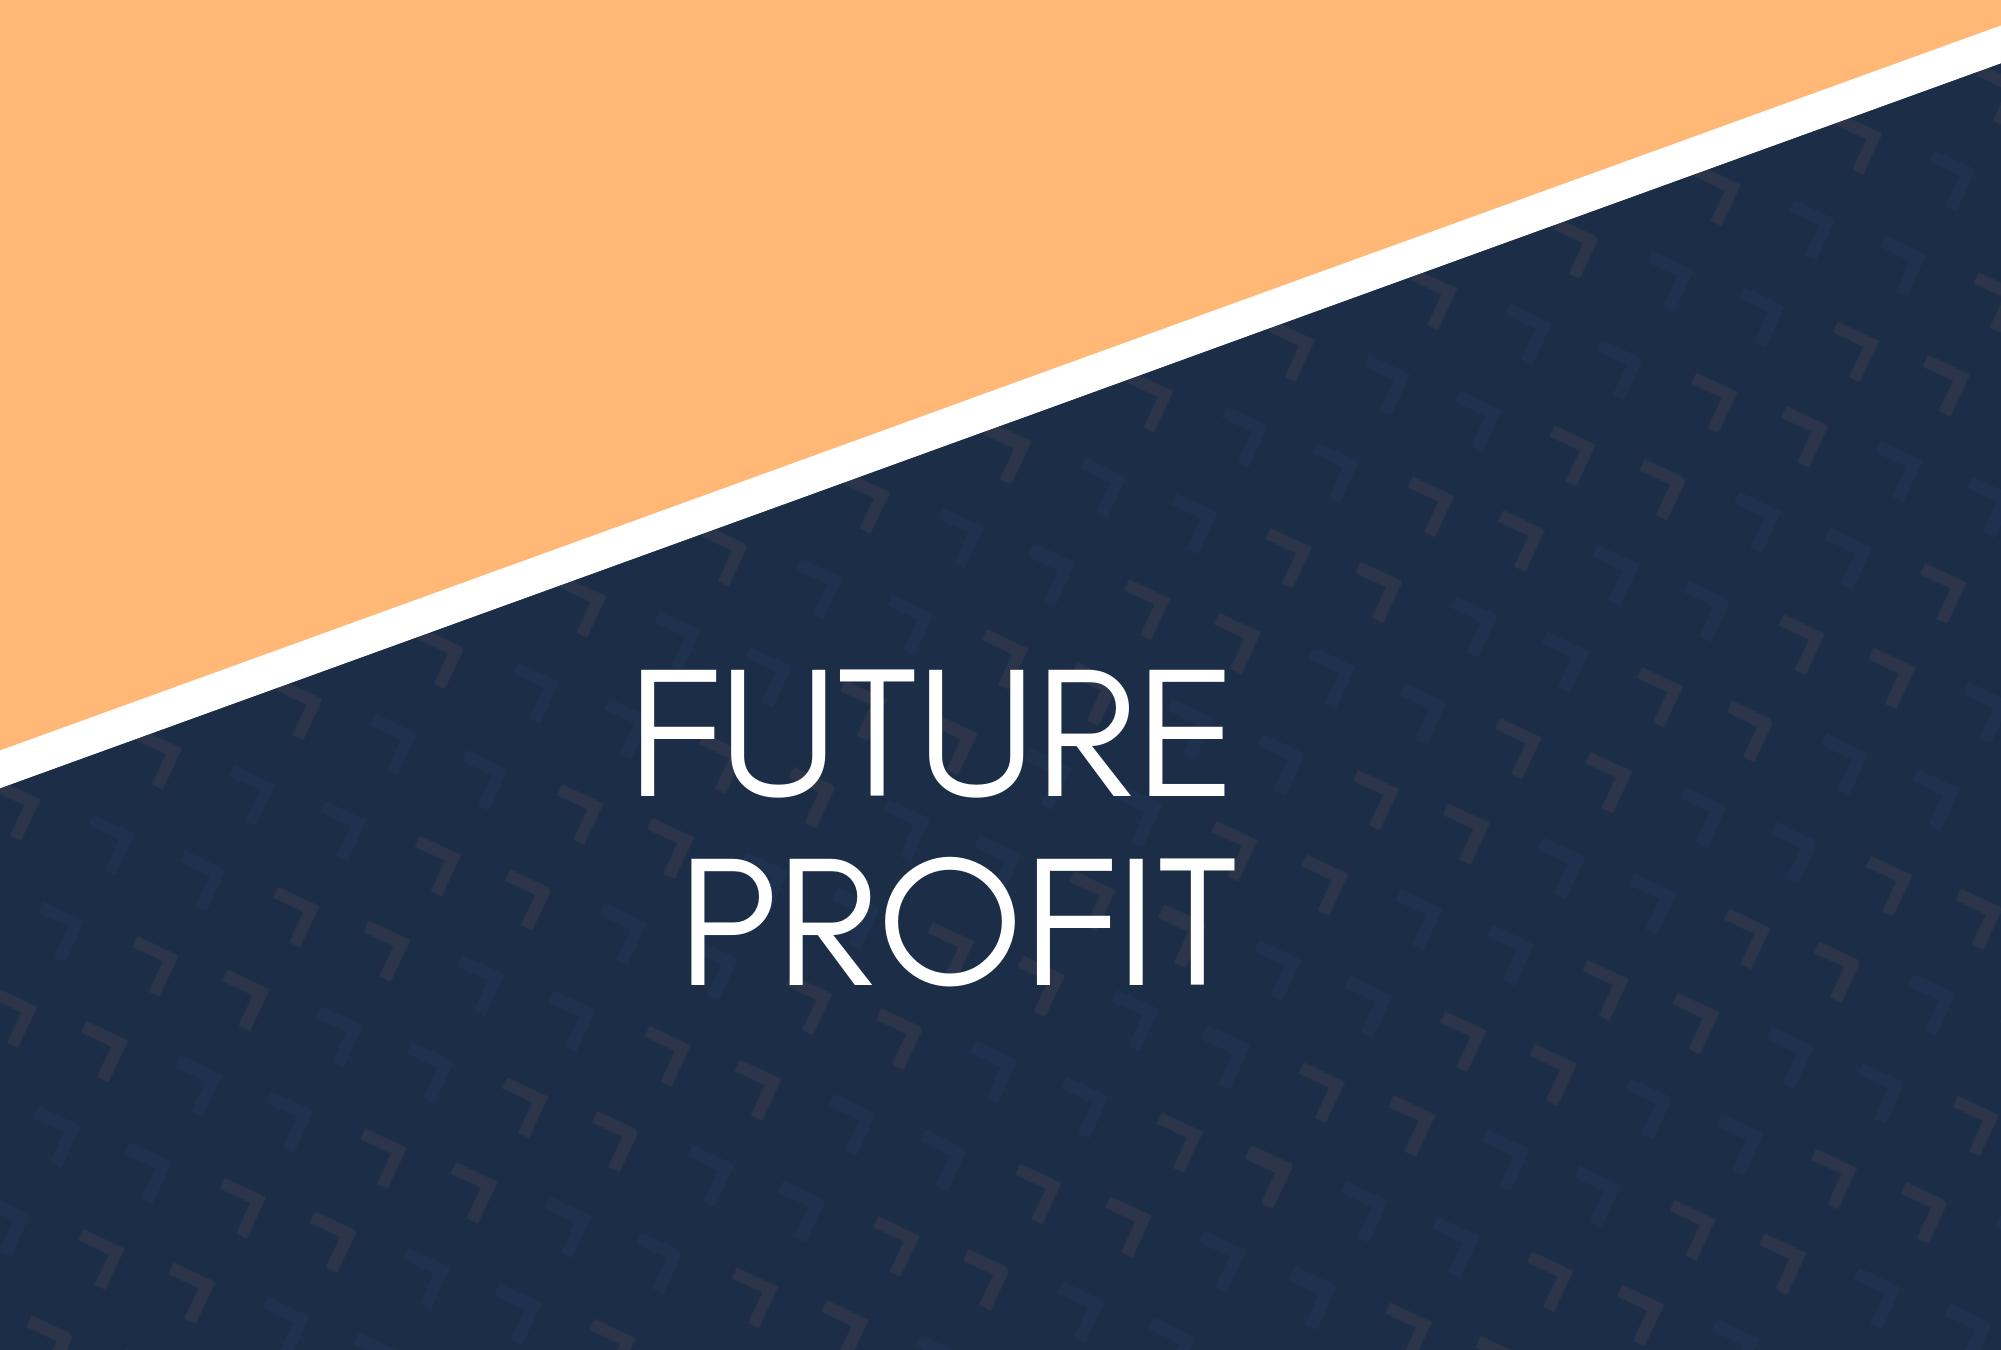 FUTURE PROFIT